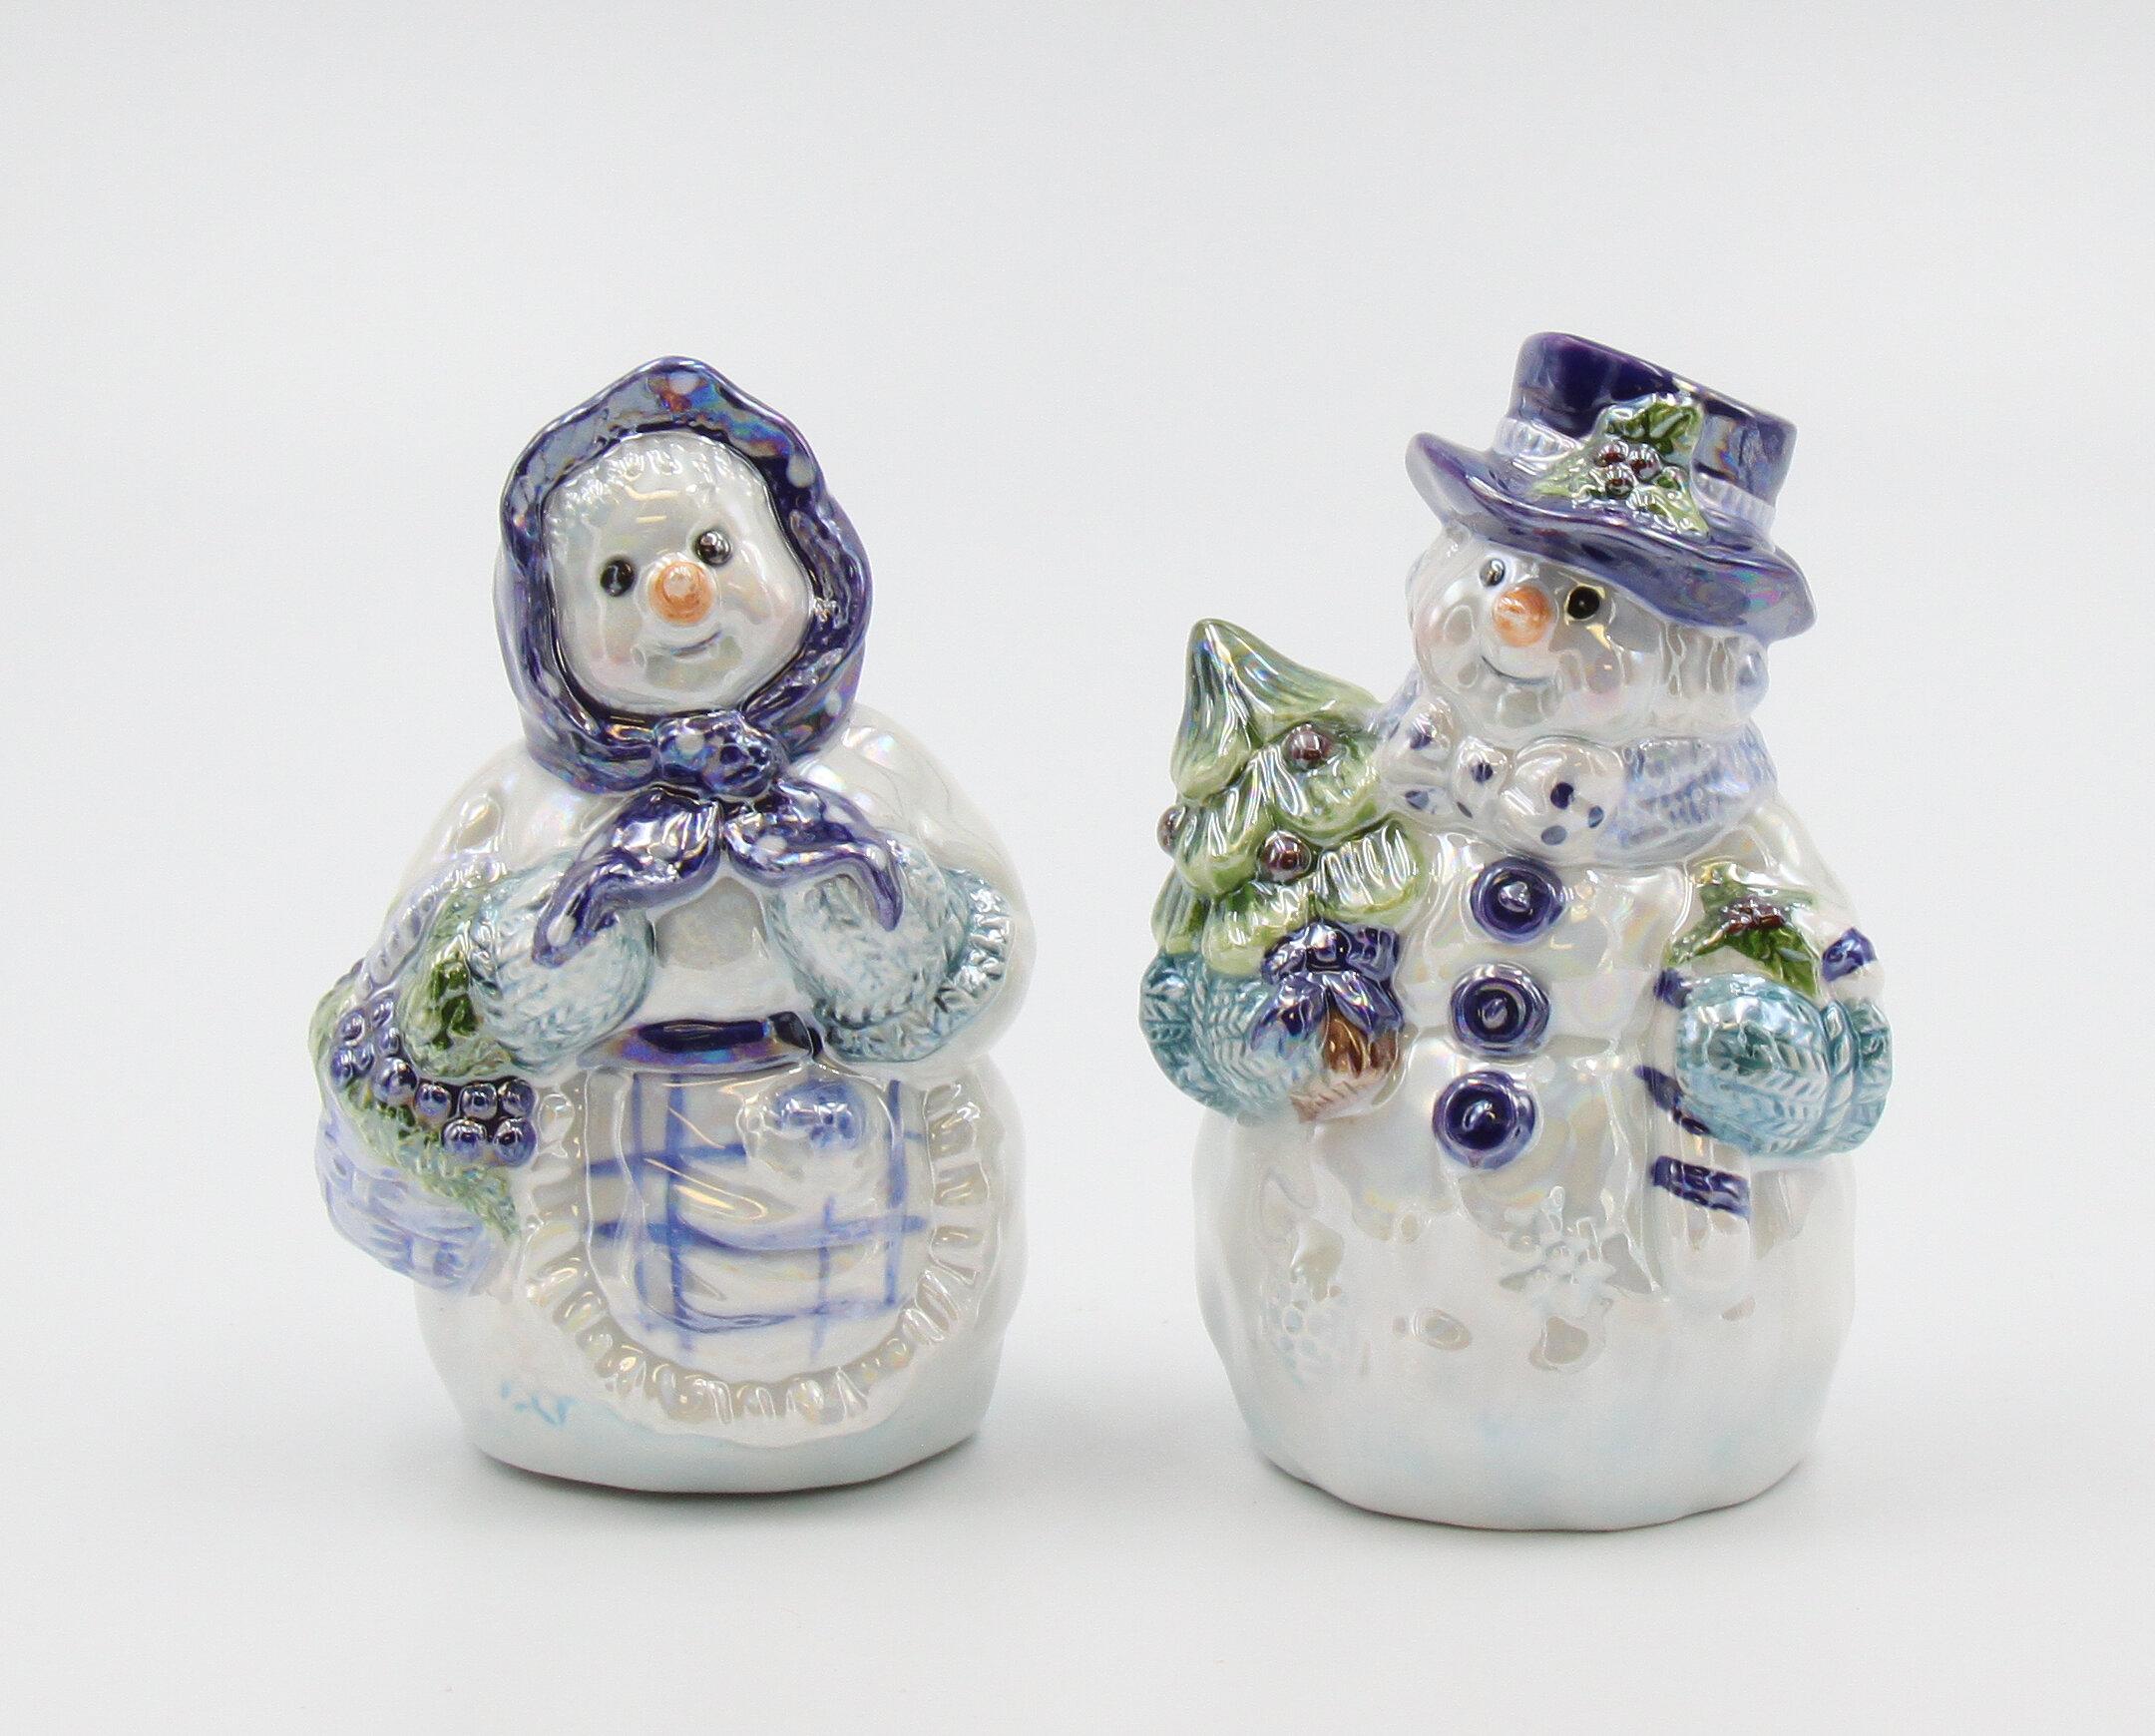 Cosmosgifts Cosmos Gifts Snowman Couple Salt Pepper Shaker Set Wayfair